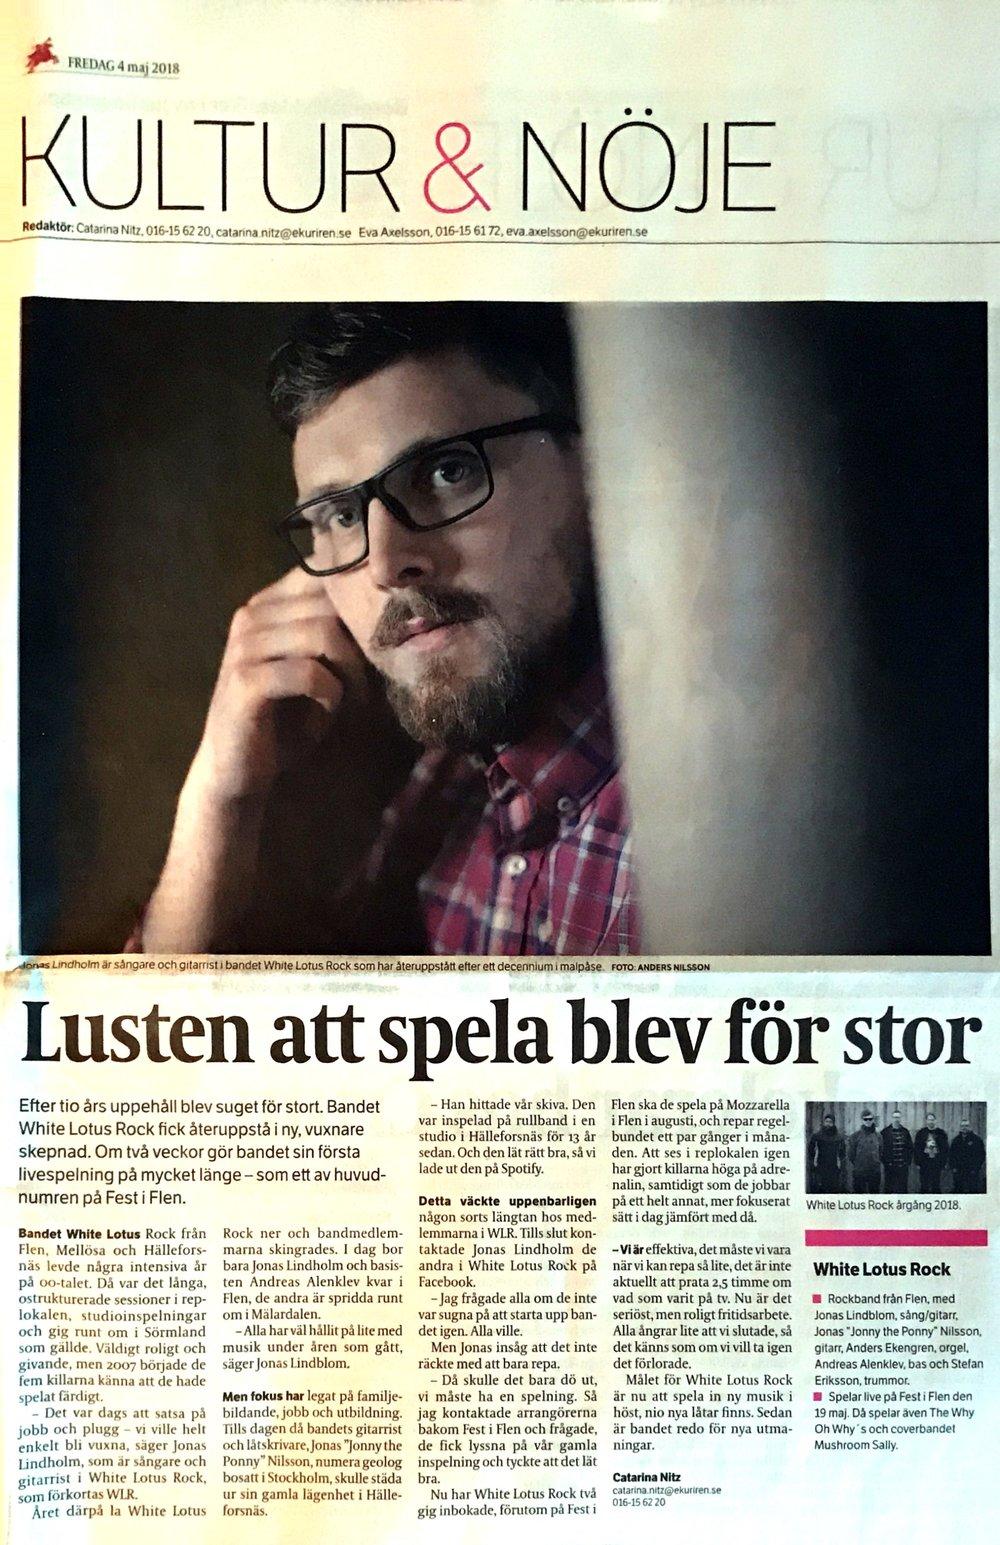 Eskilstuna Kuriren - Interview in Eskilstuna Kuriren 2018-05-04.